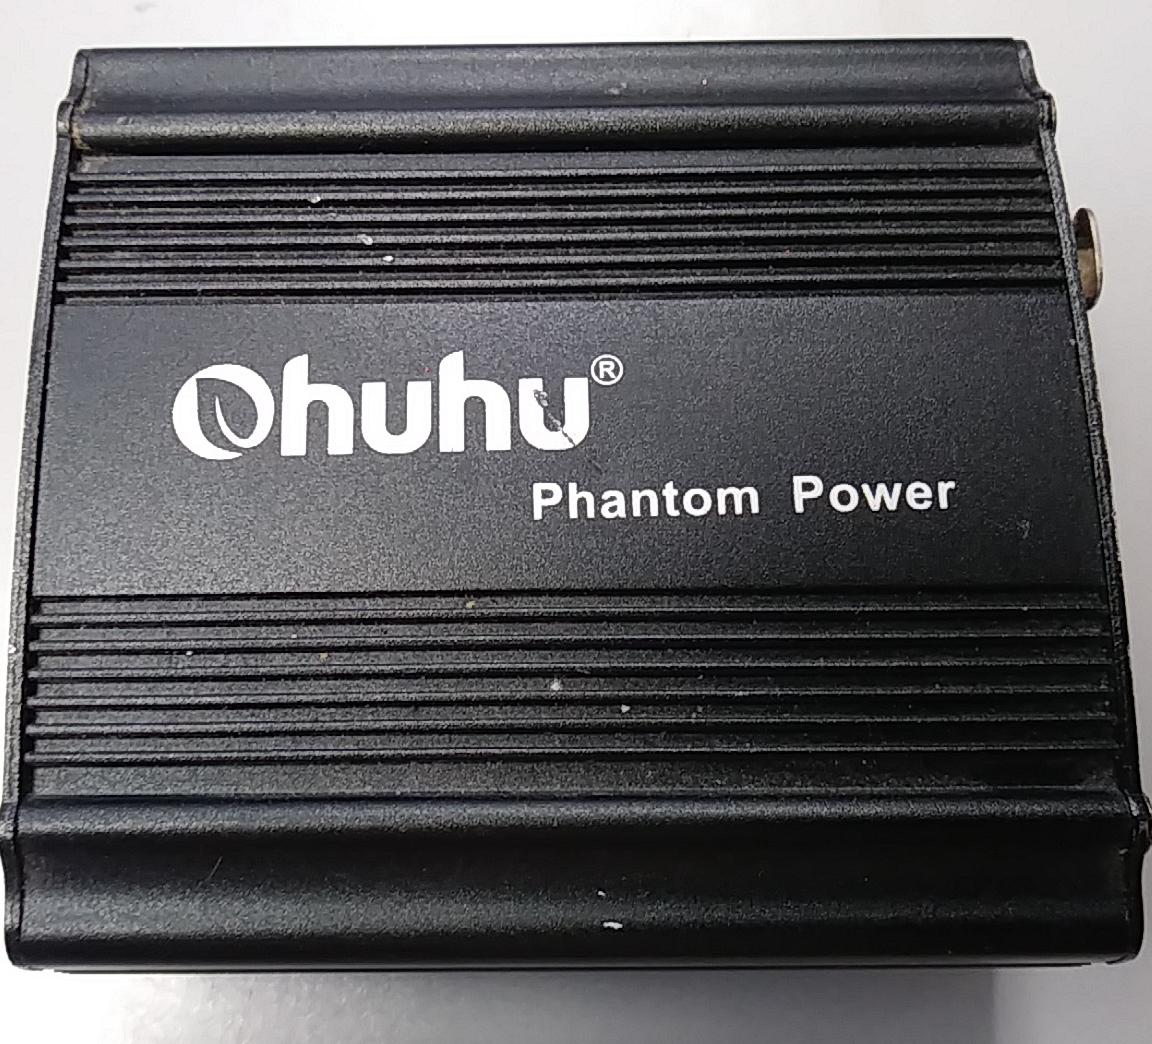 HUHU PHANTOM POWER